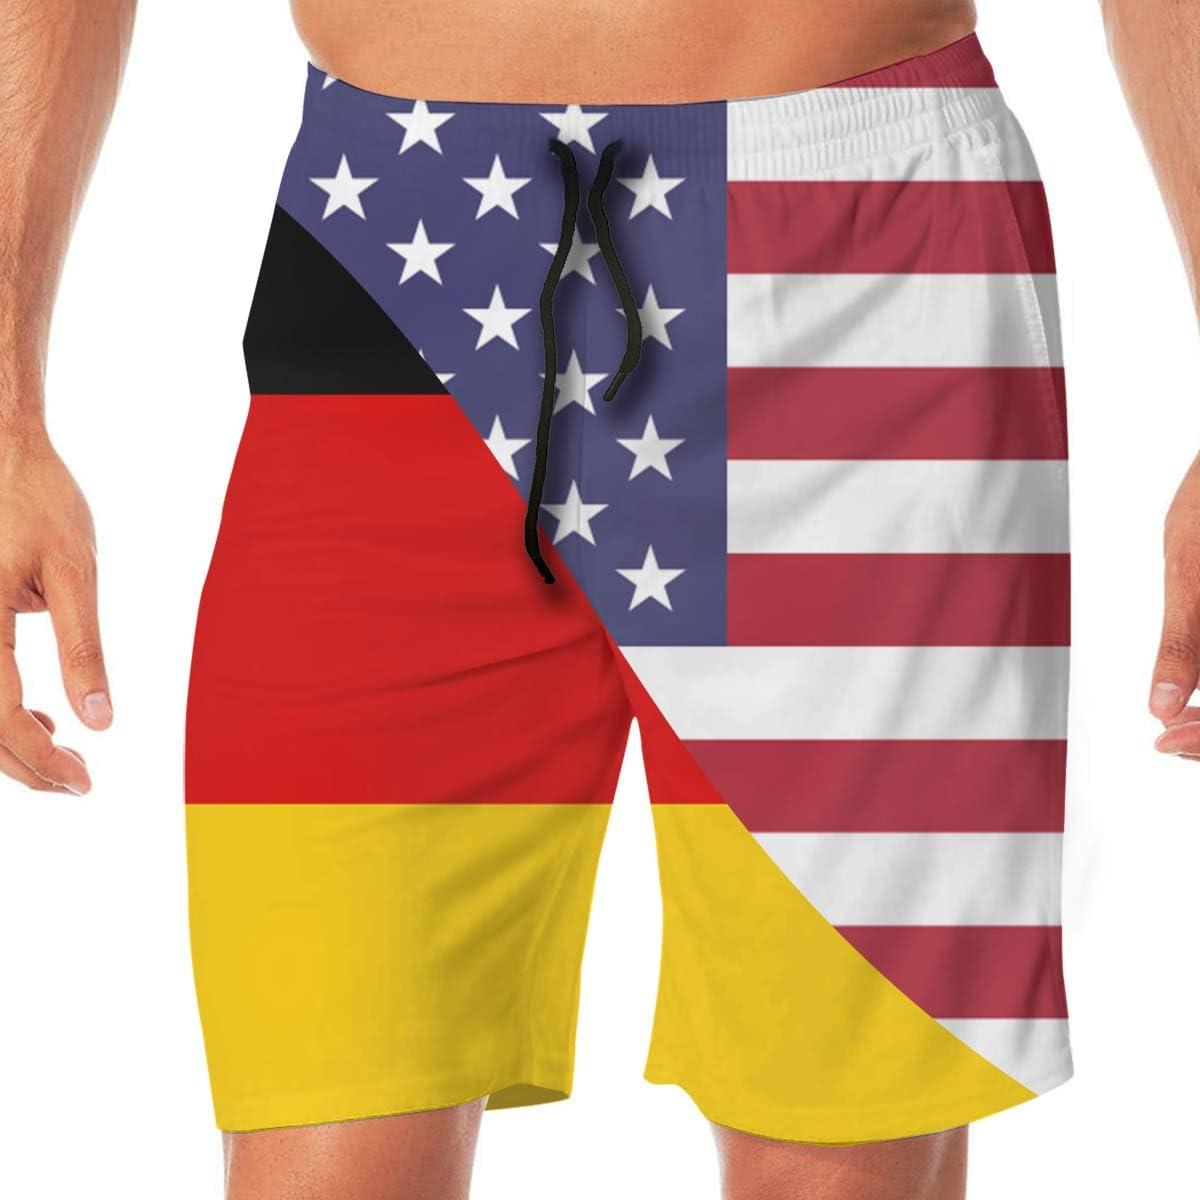 STDKNSK9 Mens Norway USA Flag Boardshorts Swim Trunks